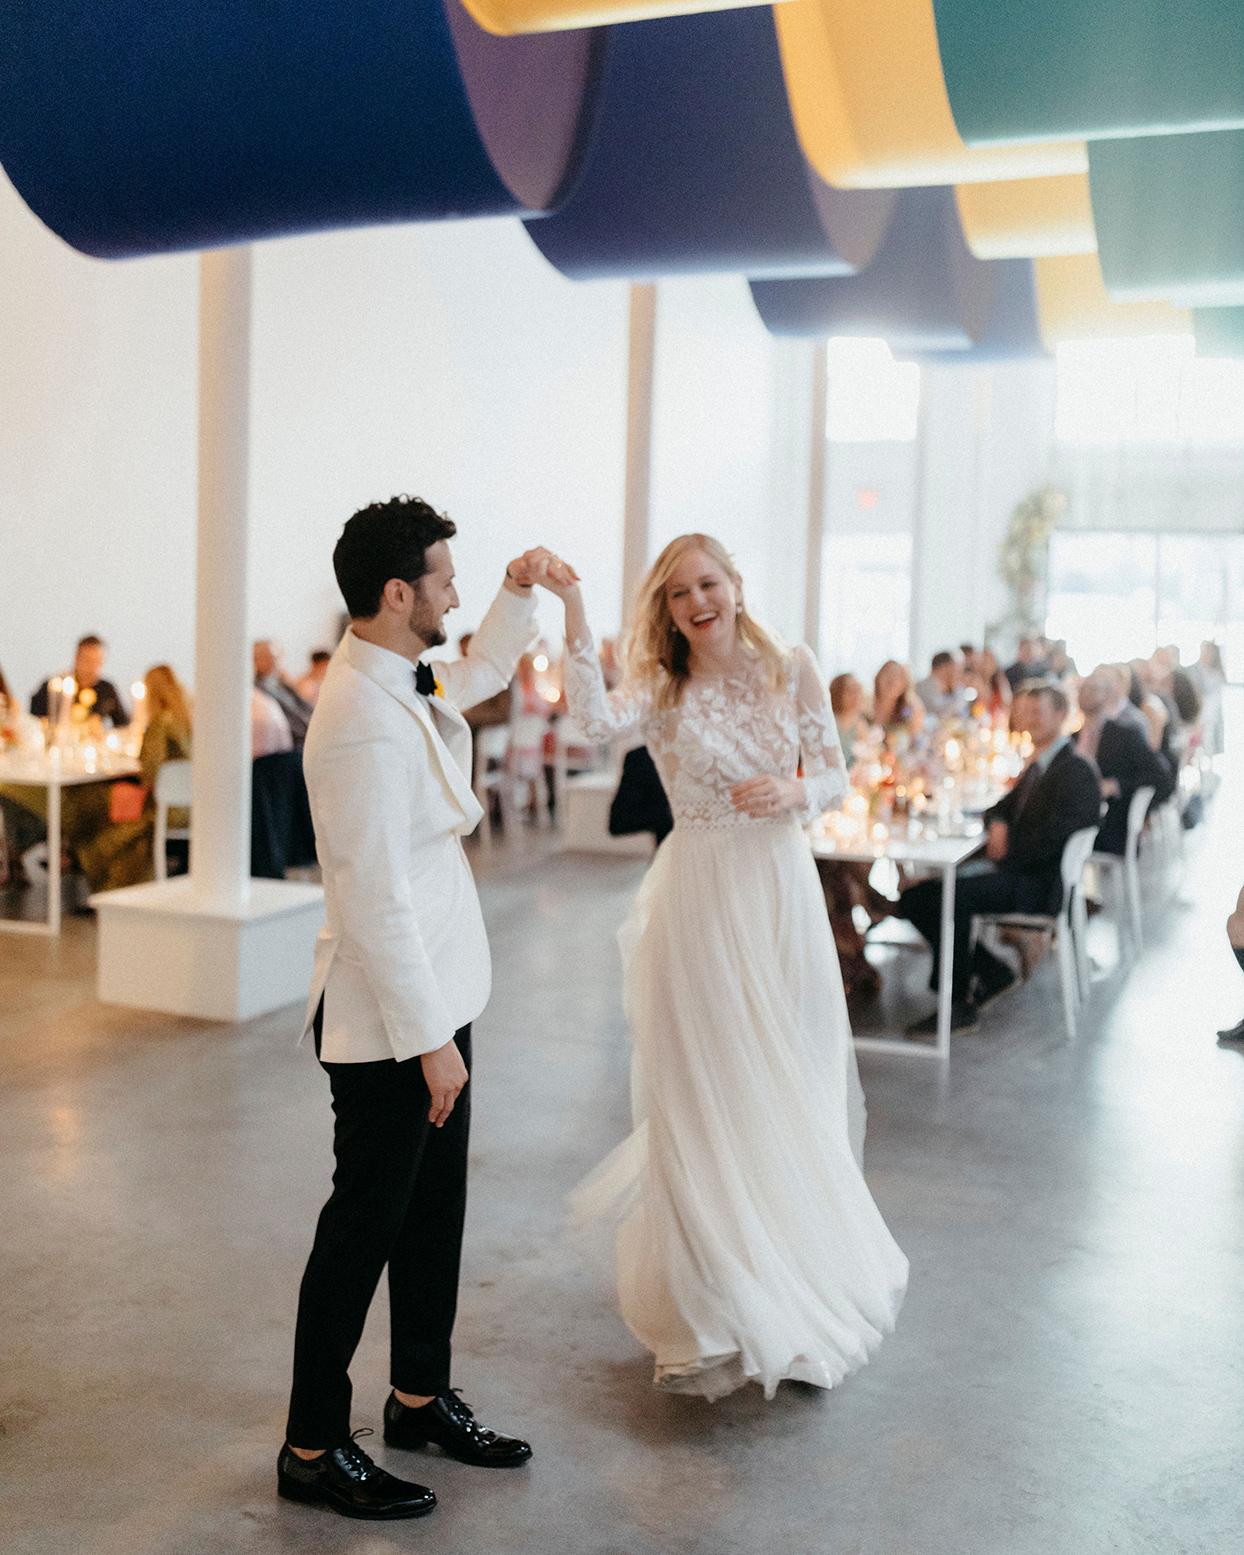 kristen jonathan wedding first dance